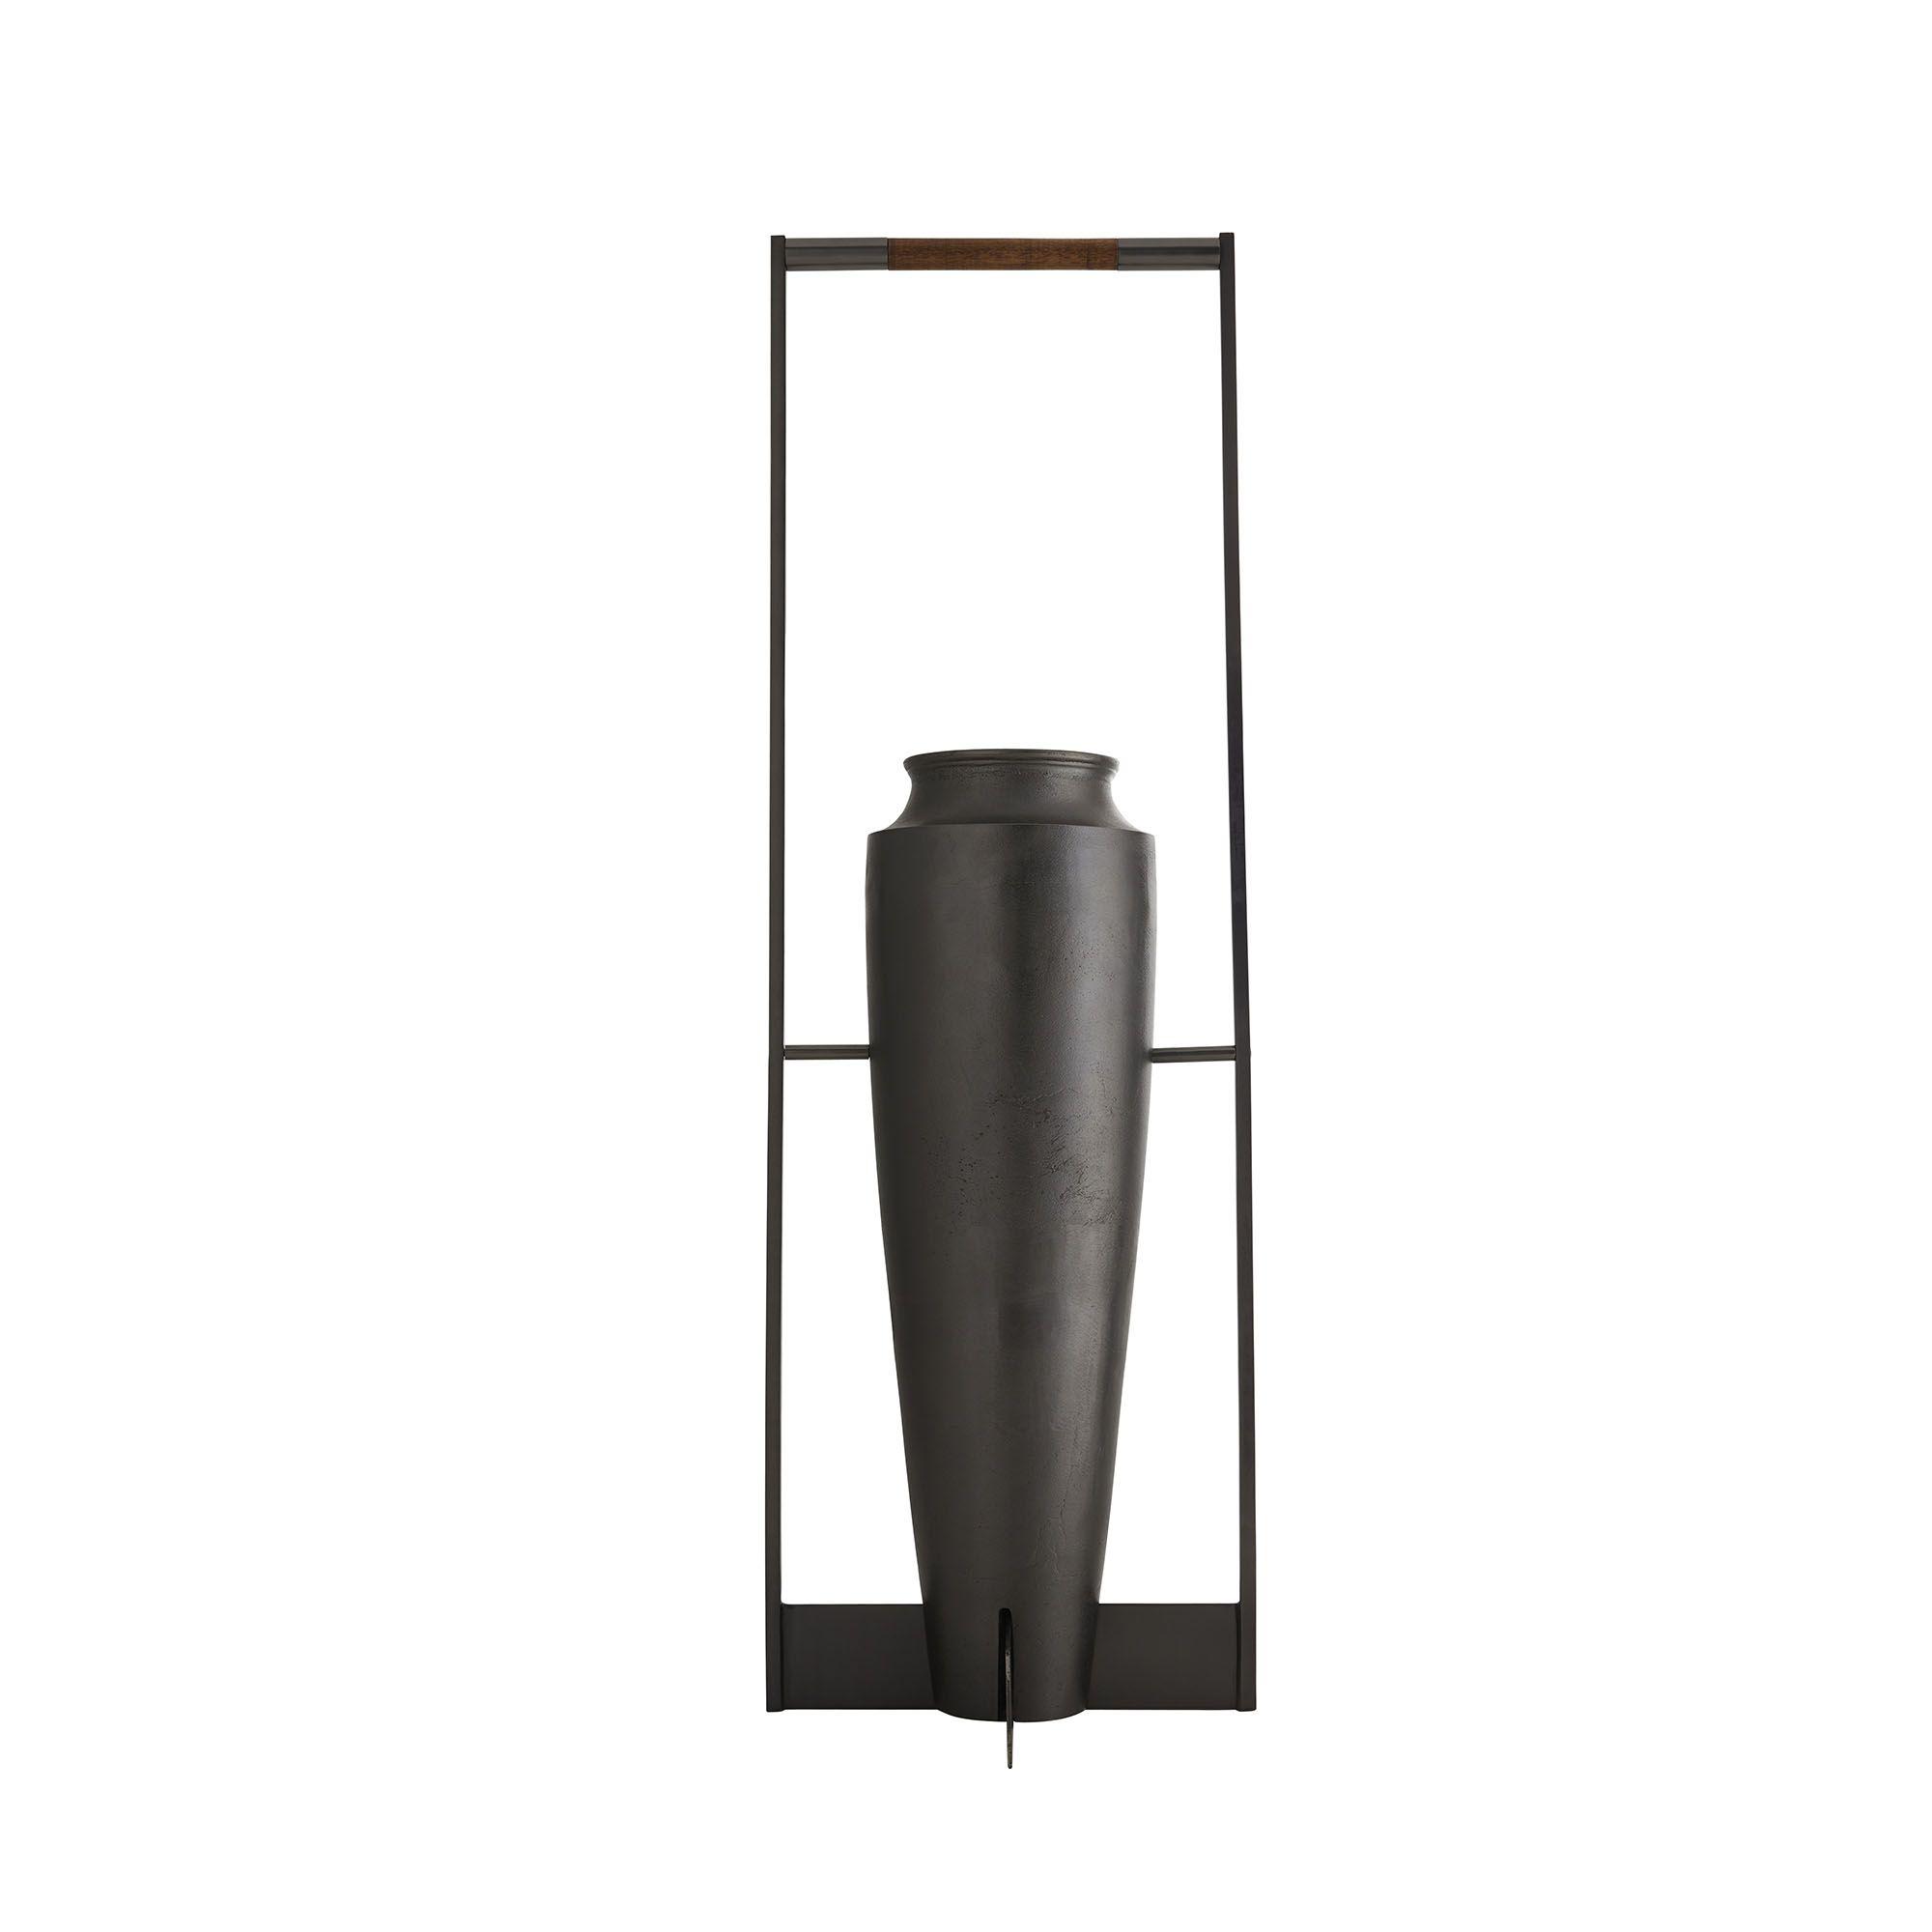 Tote Vase